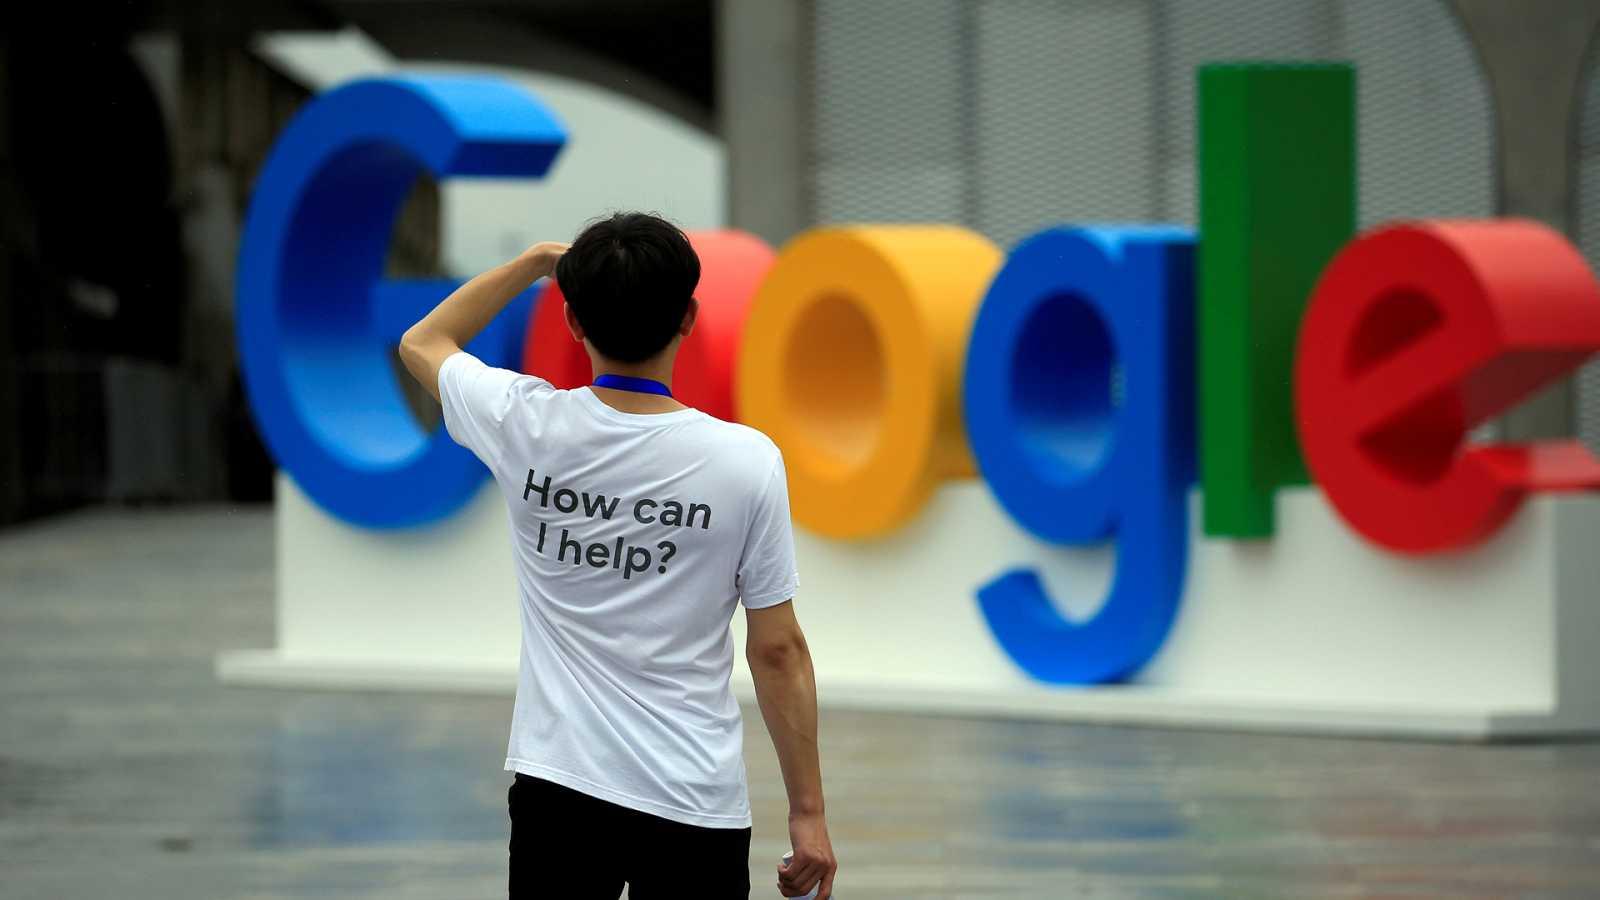 Google cumple 20 años: nació en un garaje y es un gigante tecnológico